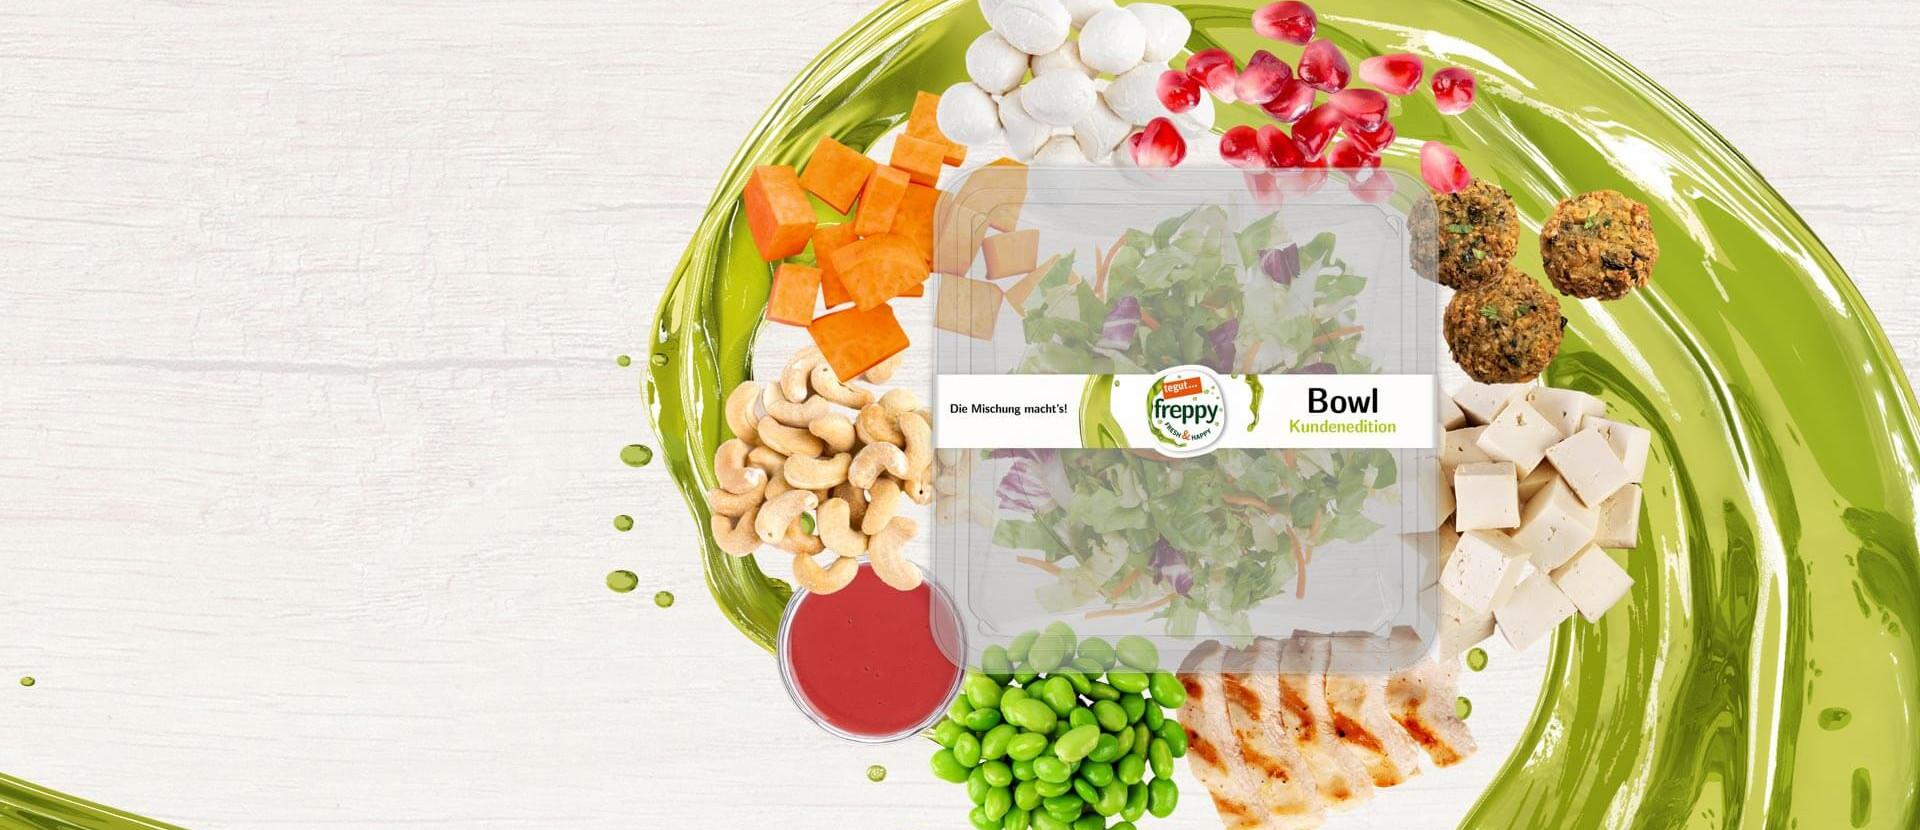 Zutaten für eine Salat-Bowl